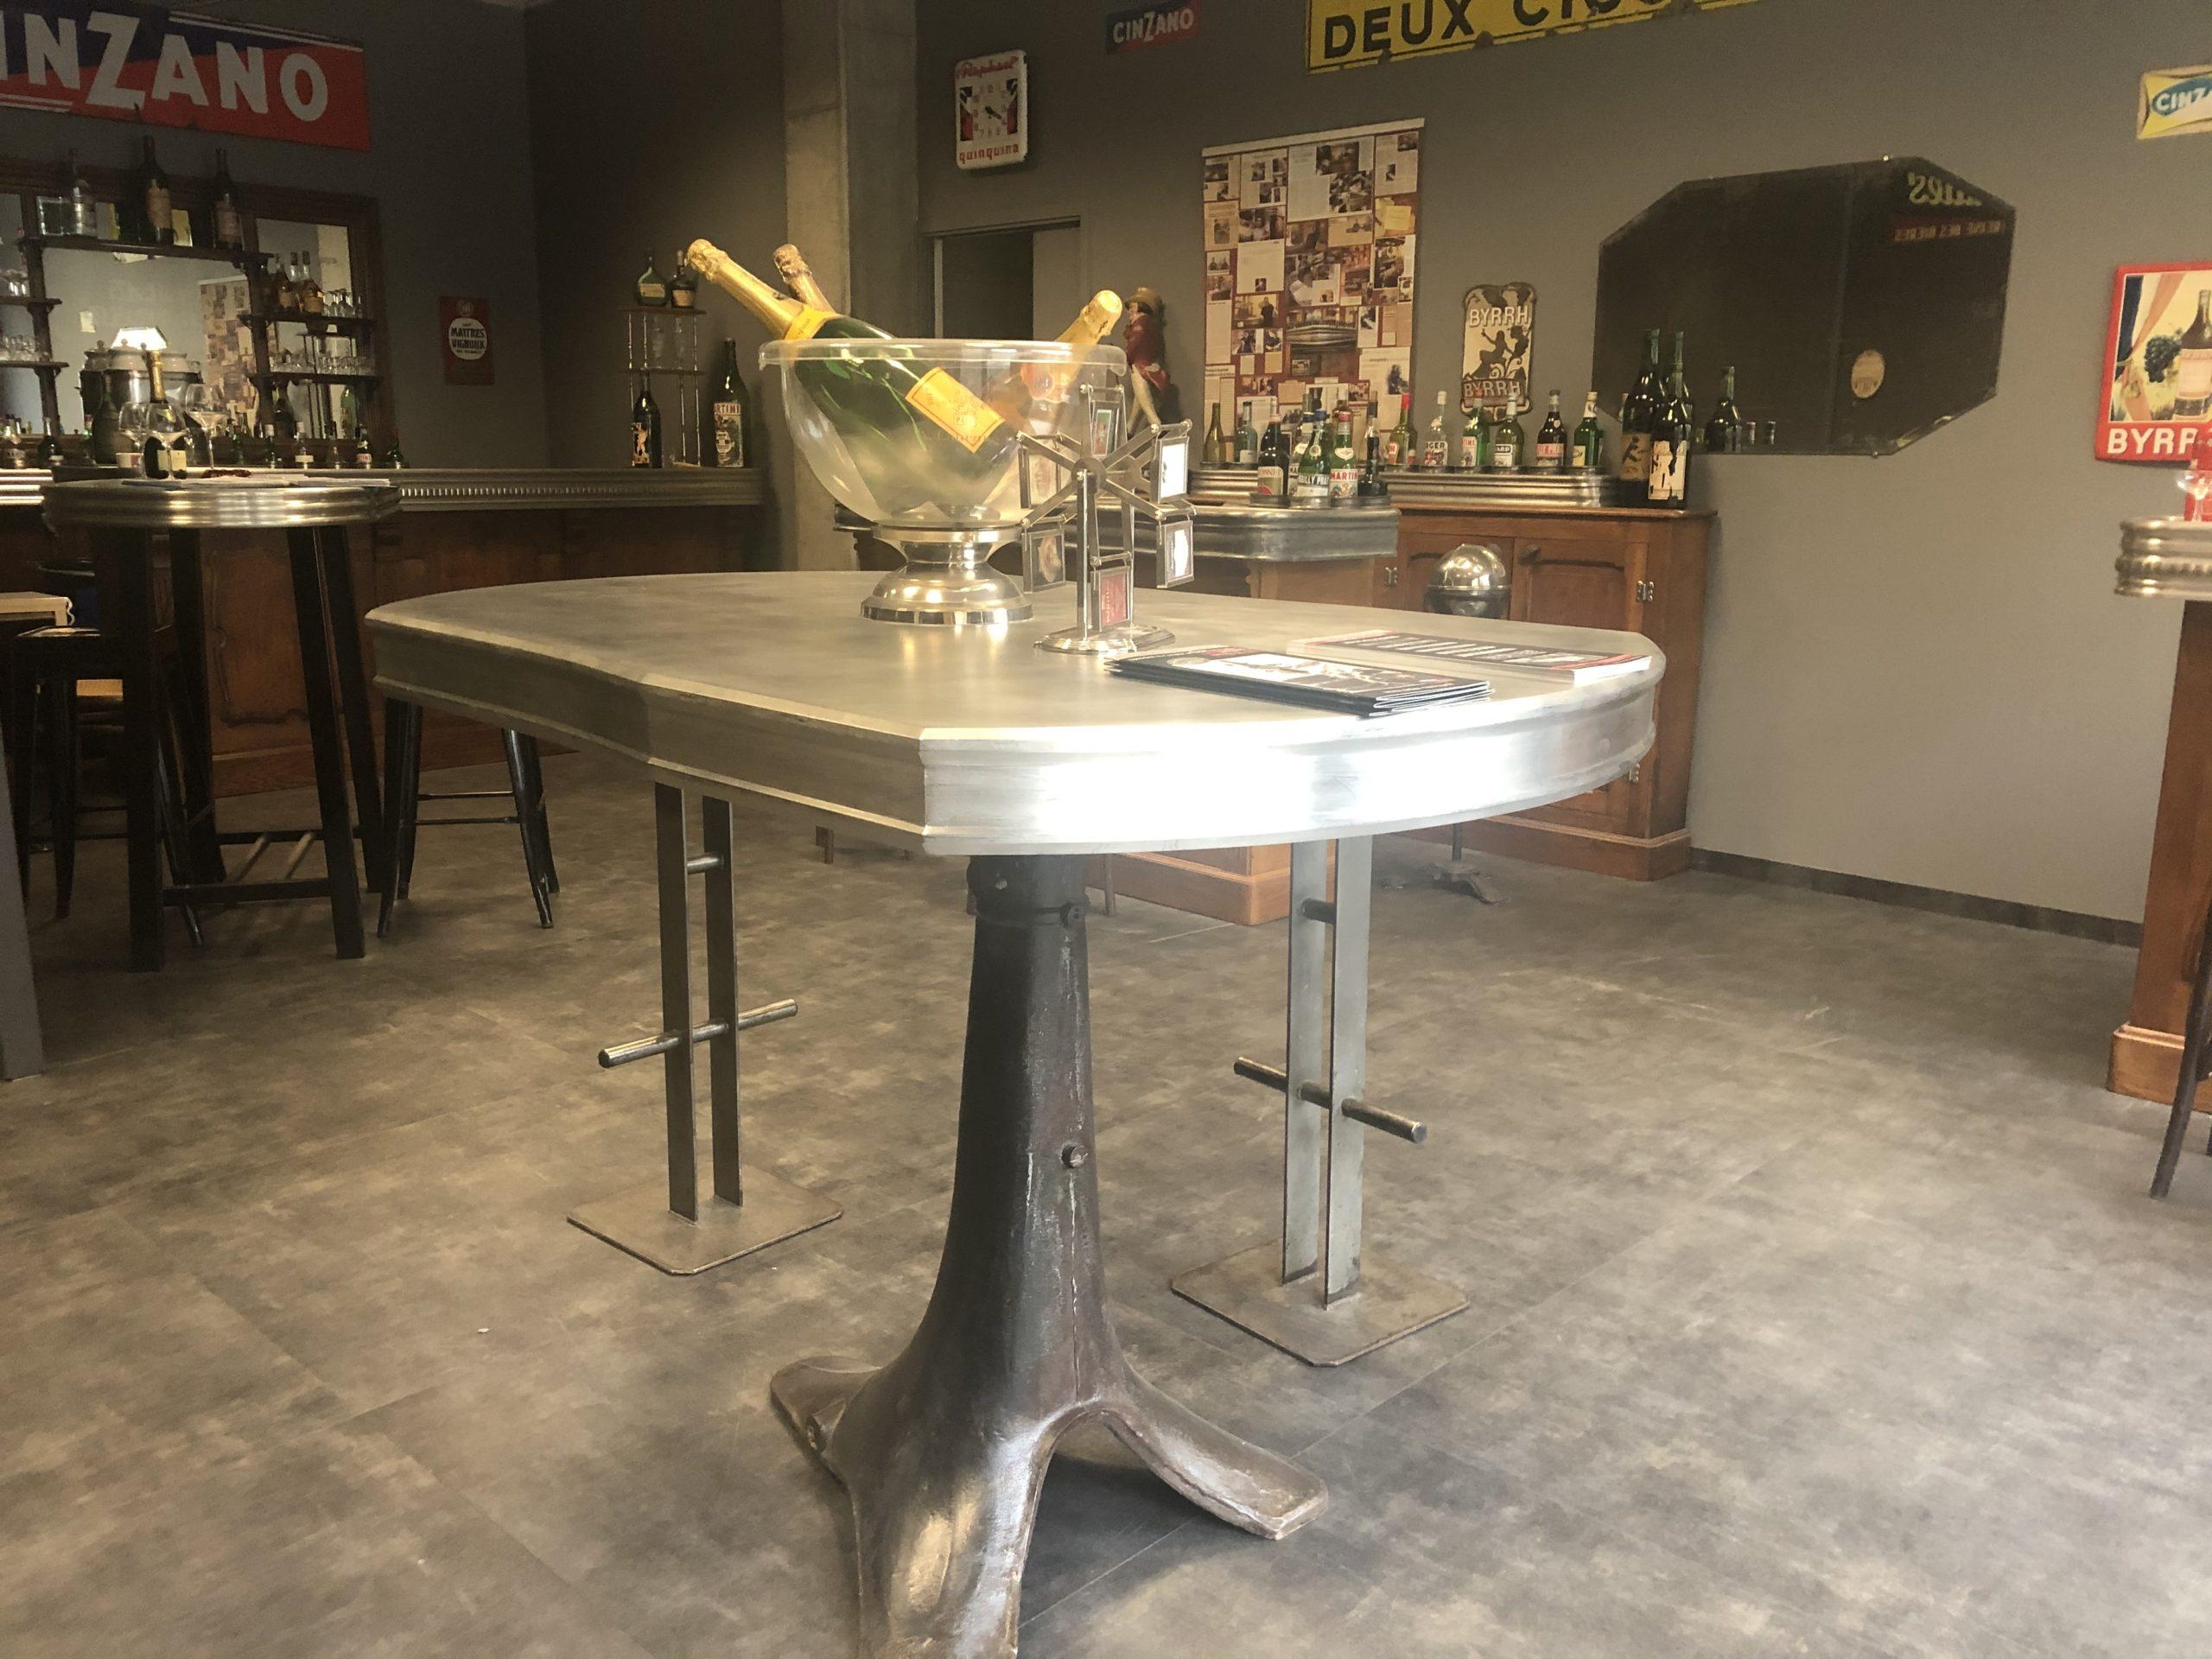 table d' hôte